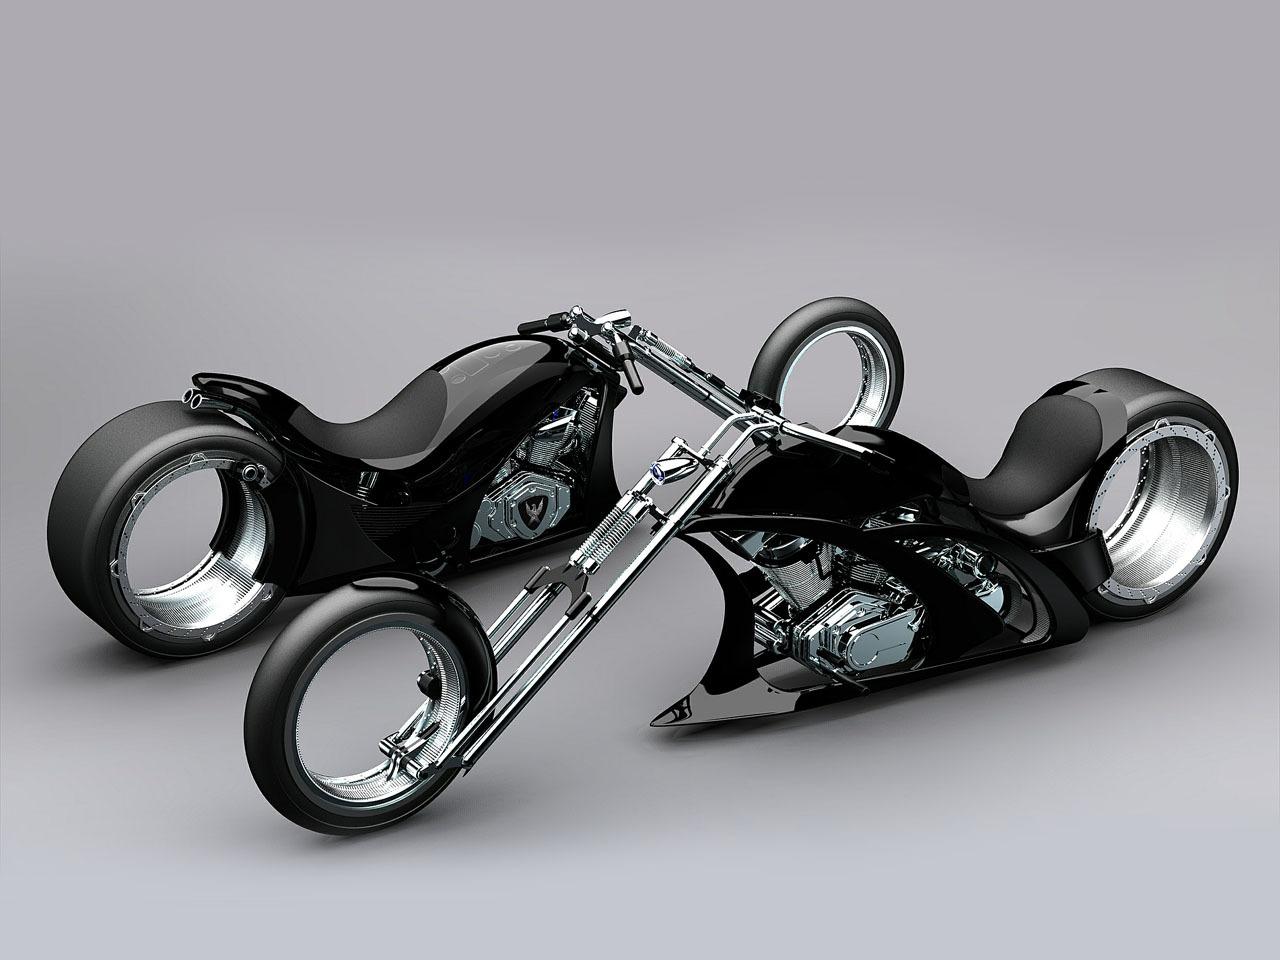 custom motorcycles harley chopper motorcycle davidson american choppers bikes bike bicycle customized cycle motorbikes built harleys hd customs 1280